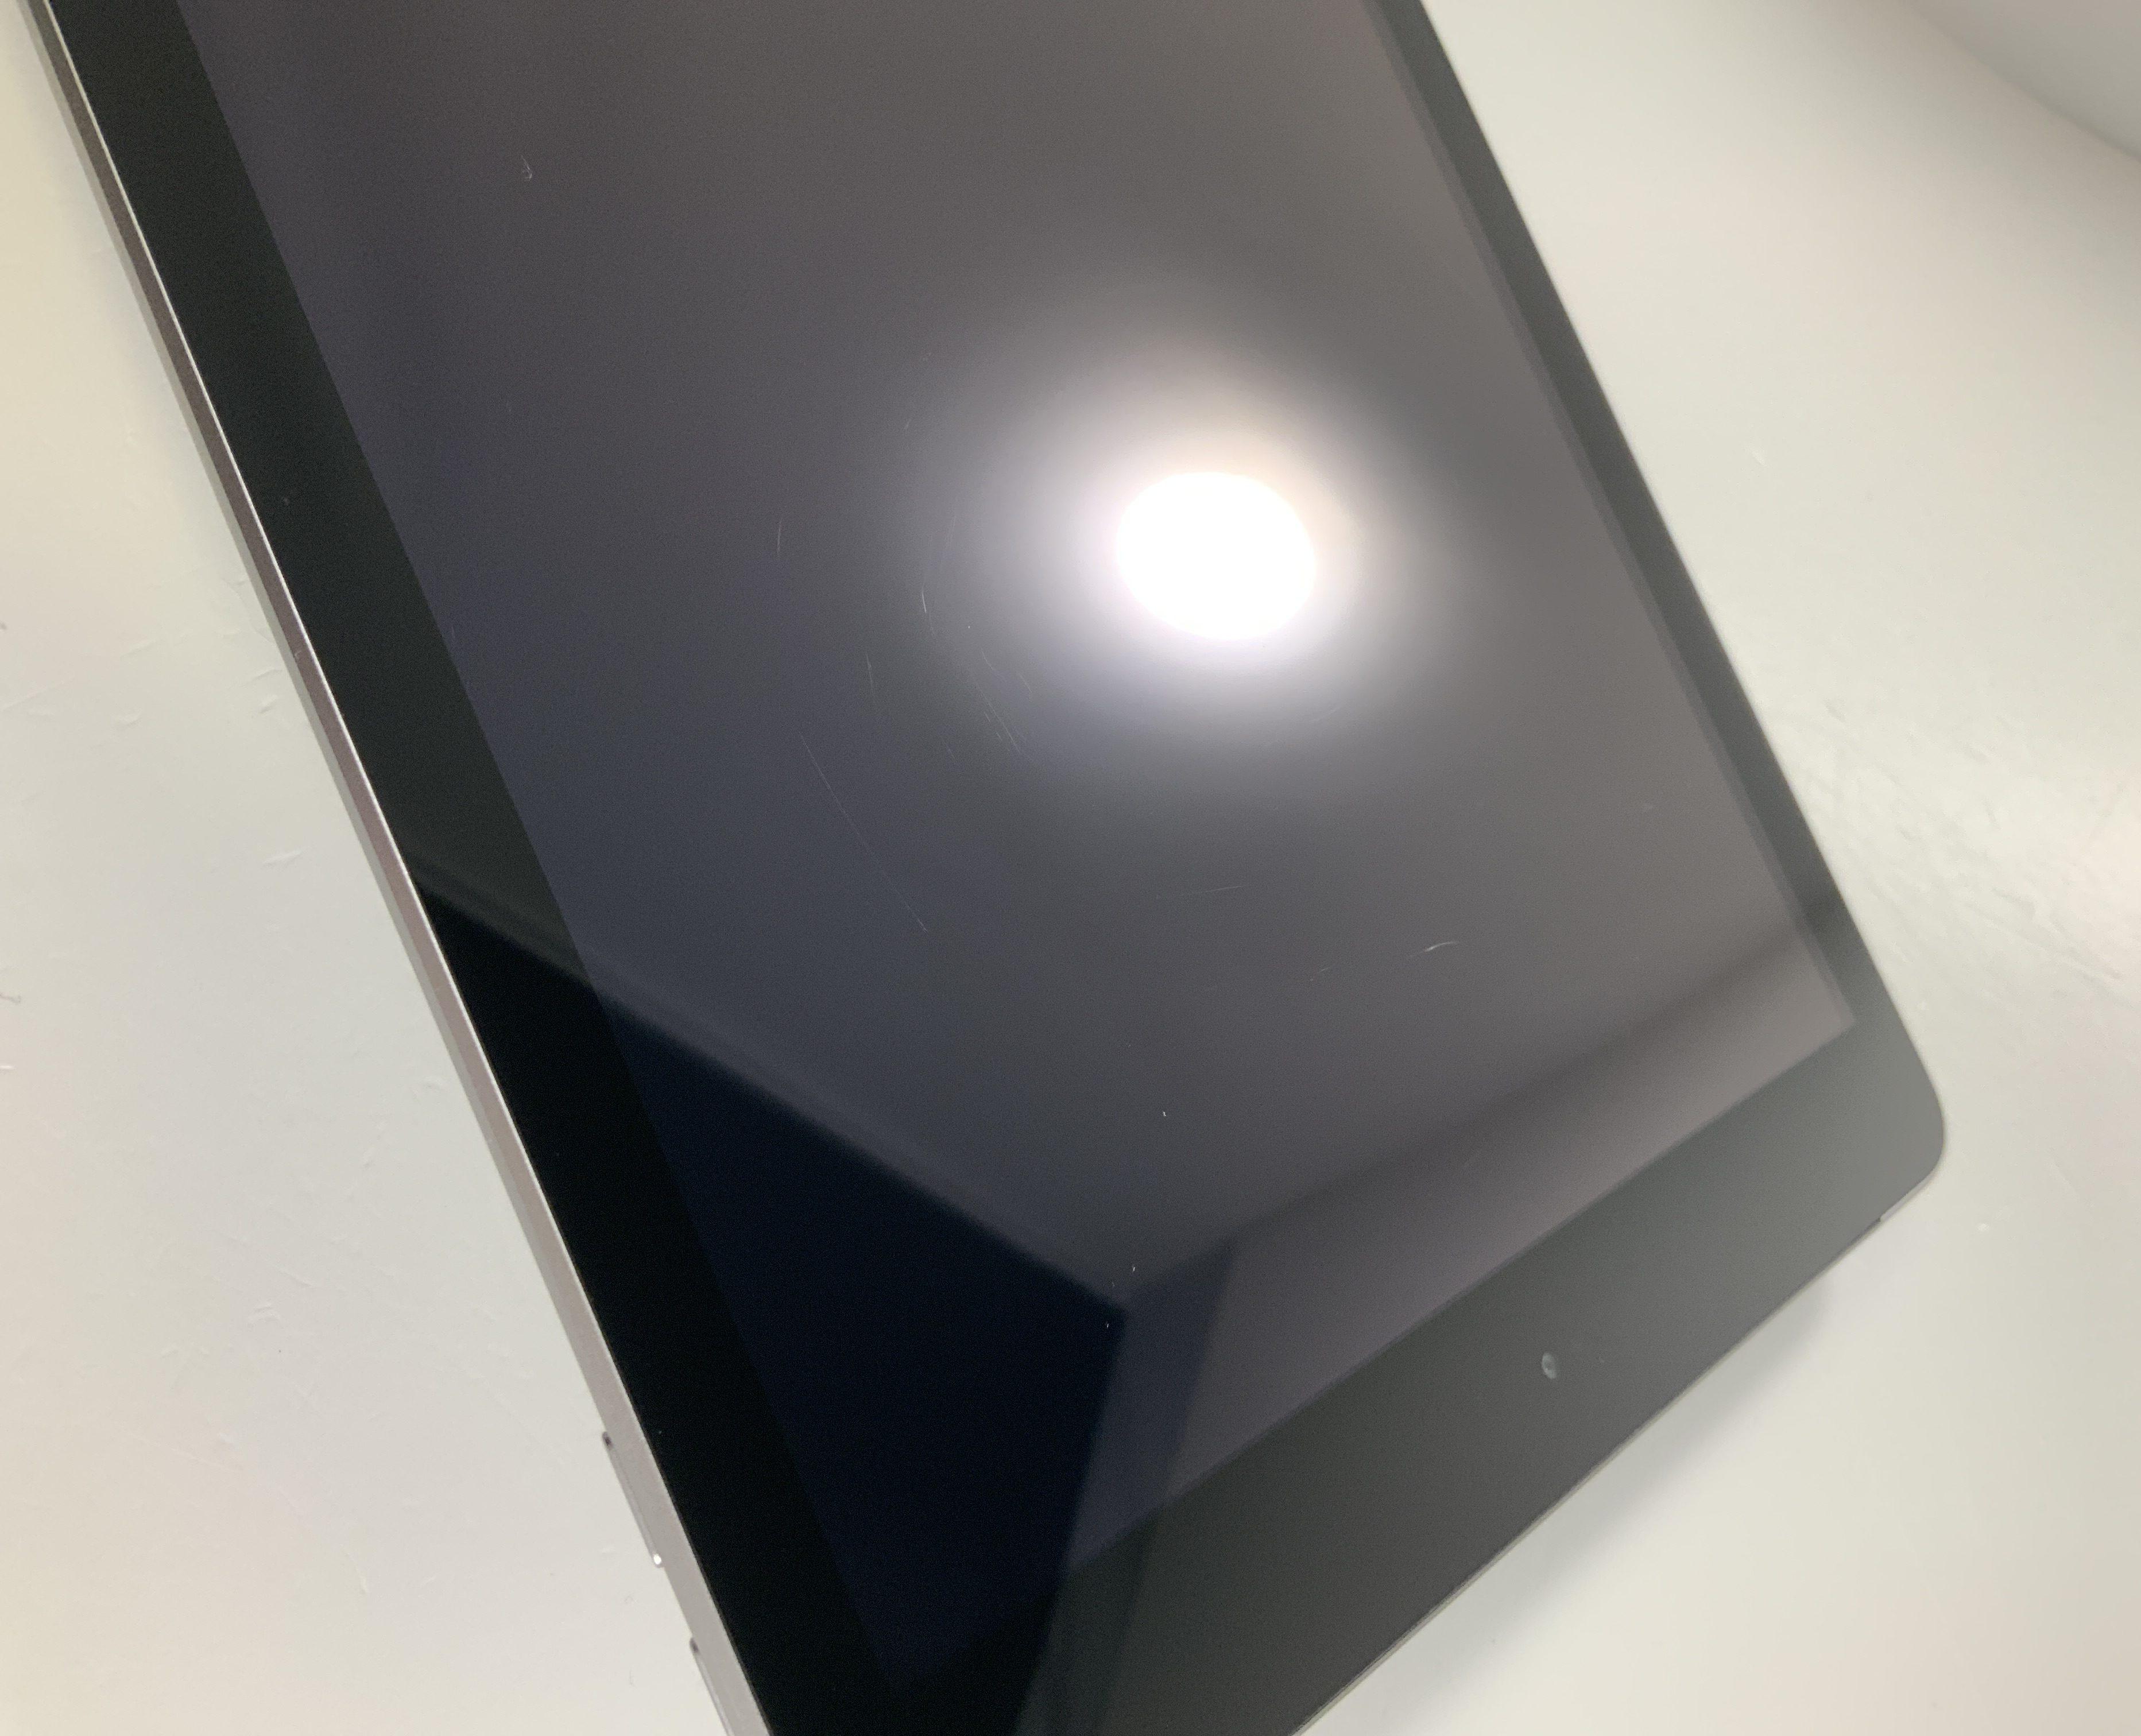 iPad 5 Wi-Fi + Cellular 128GB, 128GB, Space Gray, Afbeelding 3